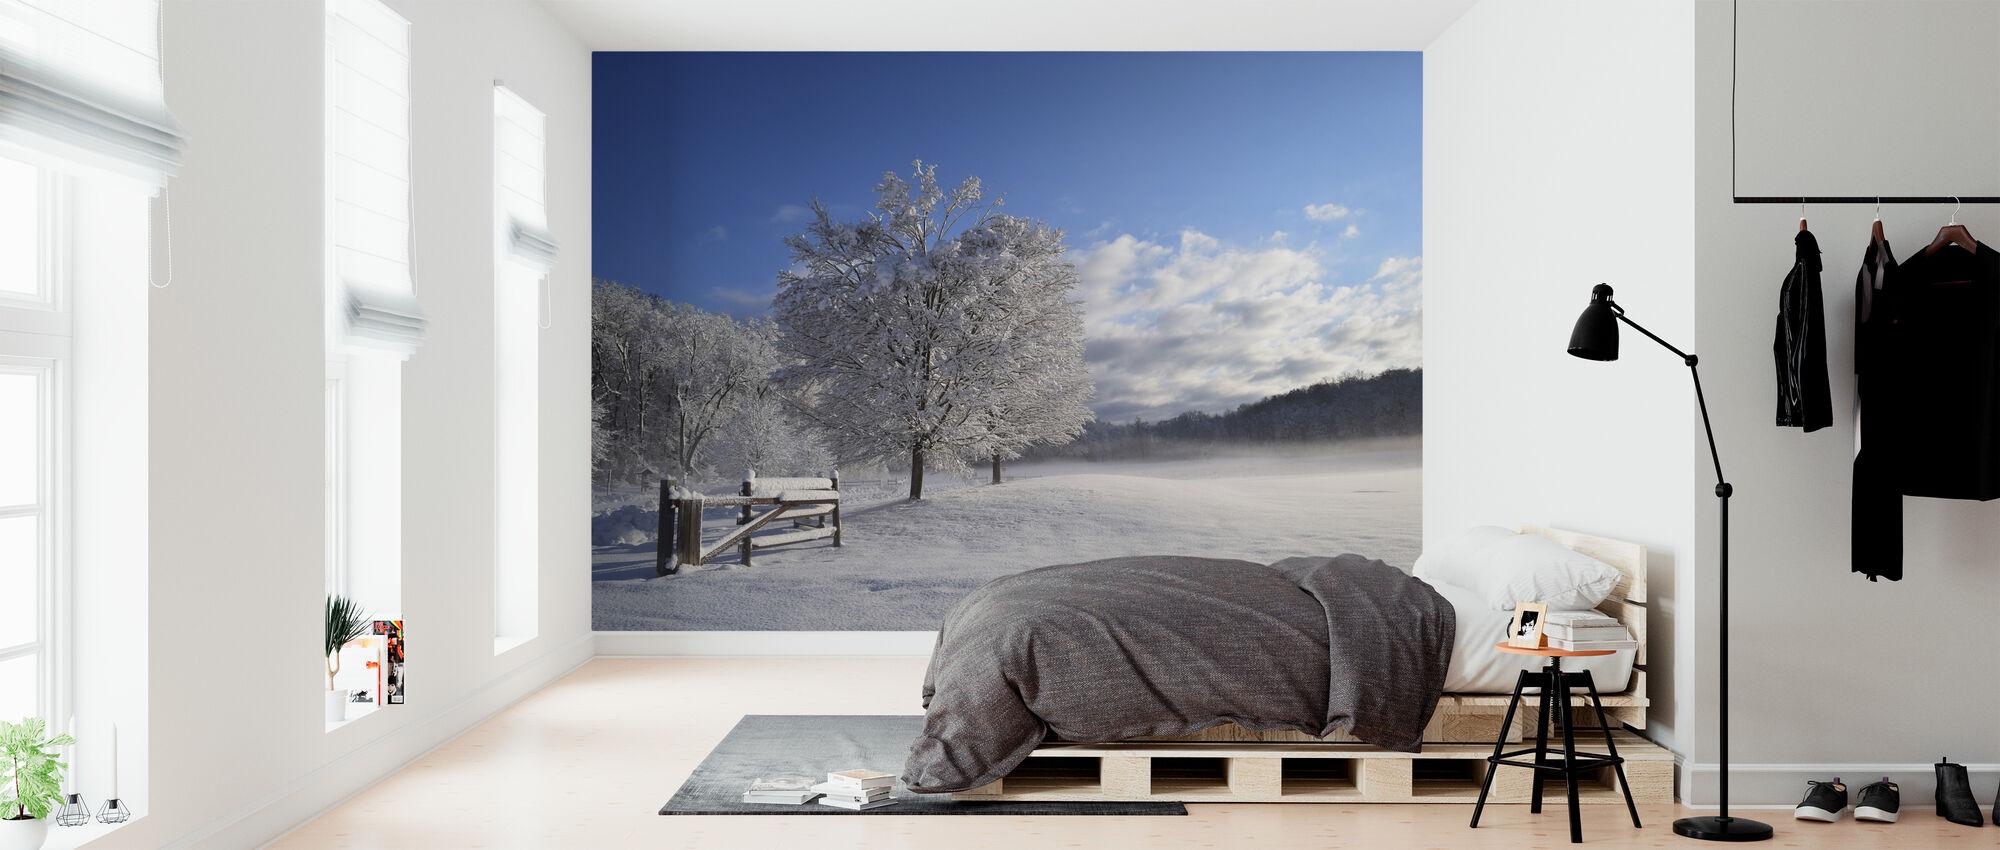 Snø dekket treet - Tapet - Soverom